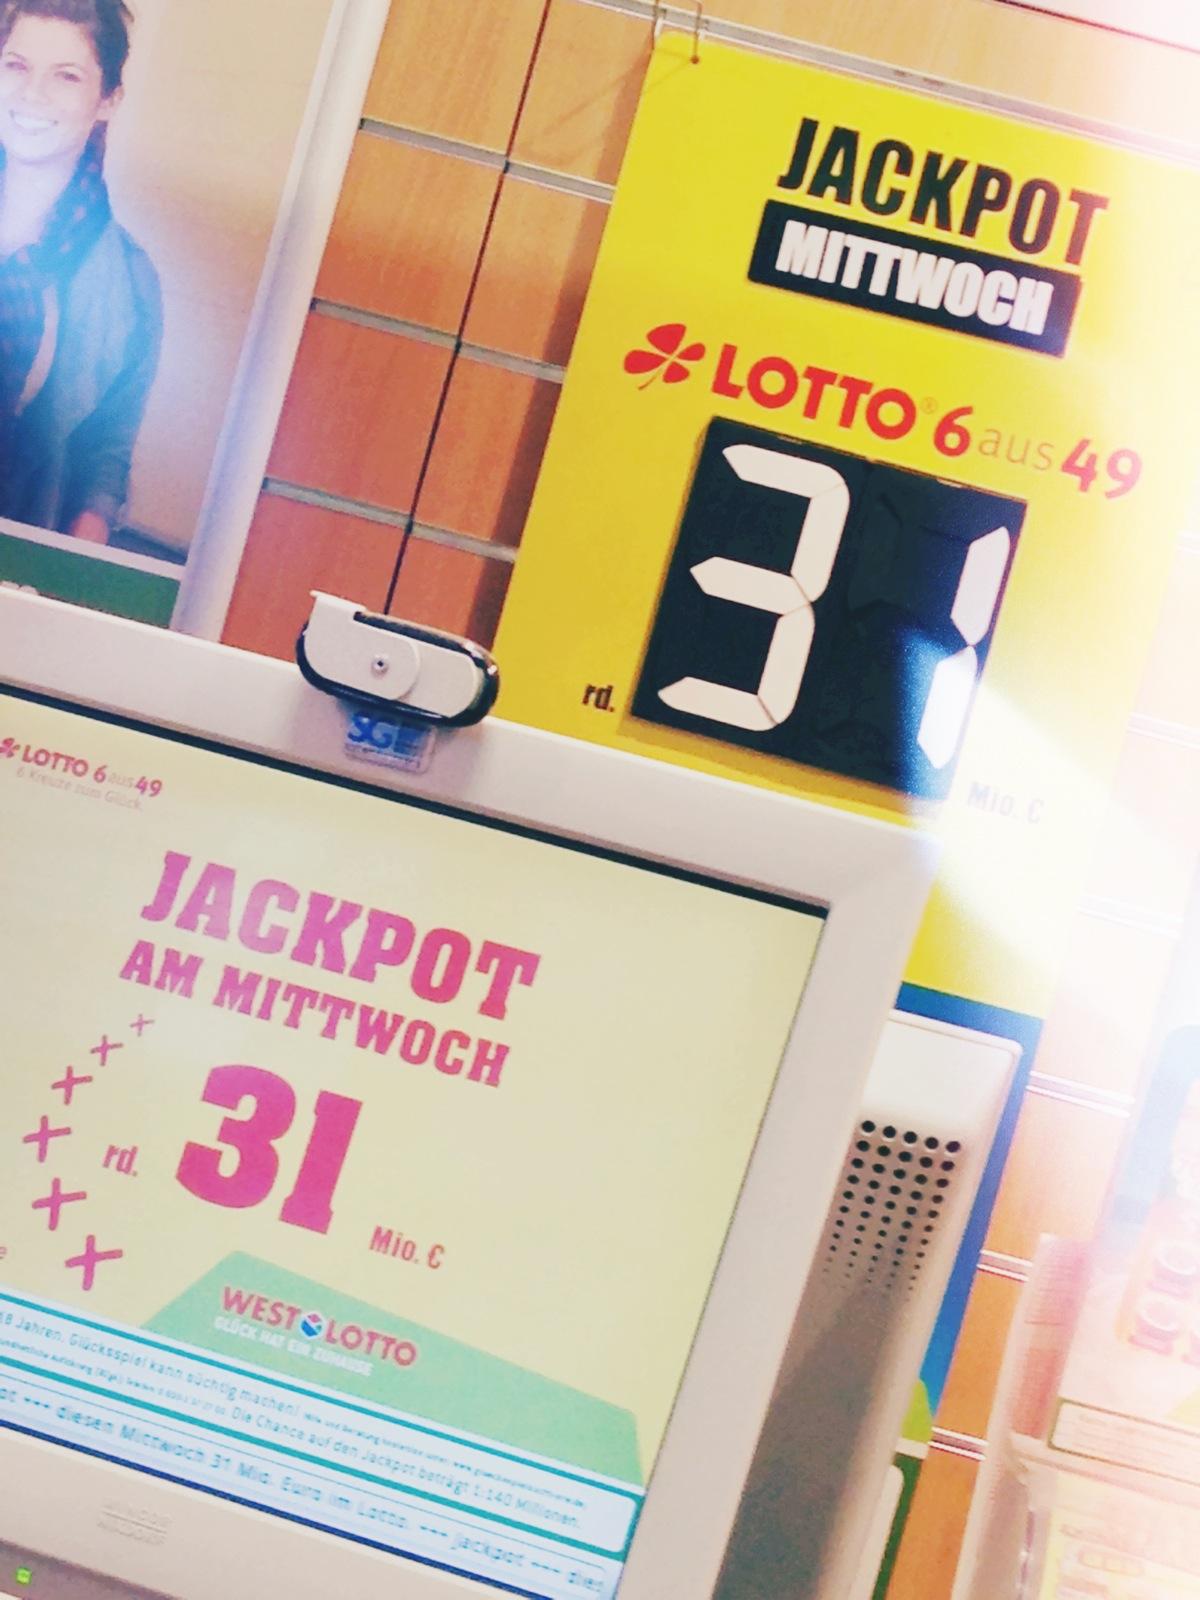 aktivierungspin fpr spielautomaten ändern